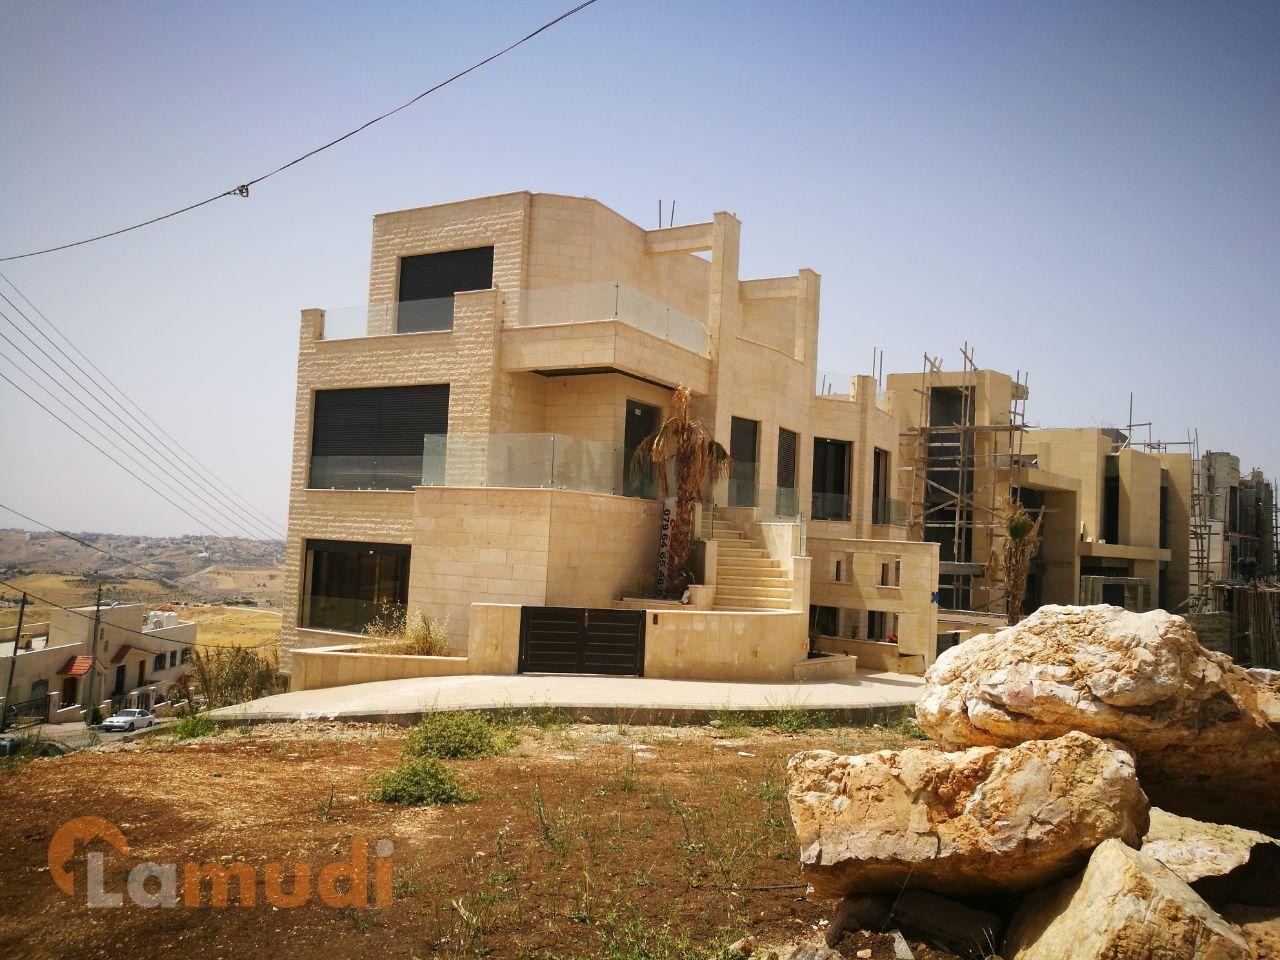 بالصور .. شقة شبه فيلا في أرقى أحياء عمان الغربية للبيع من المالك مباشرة